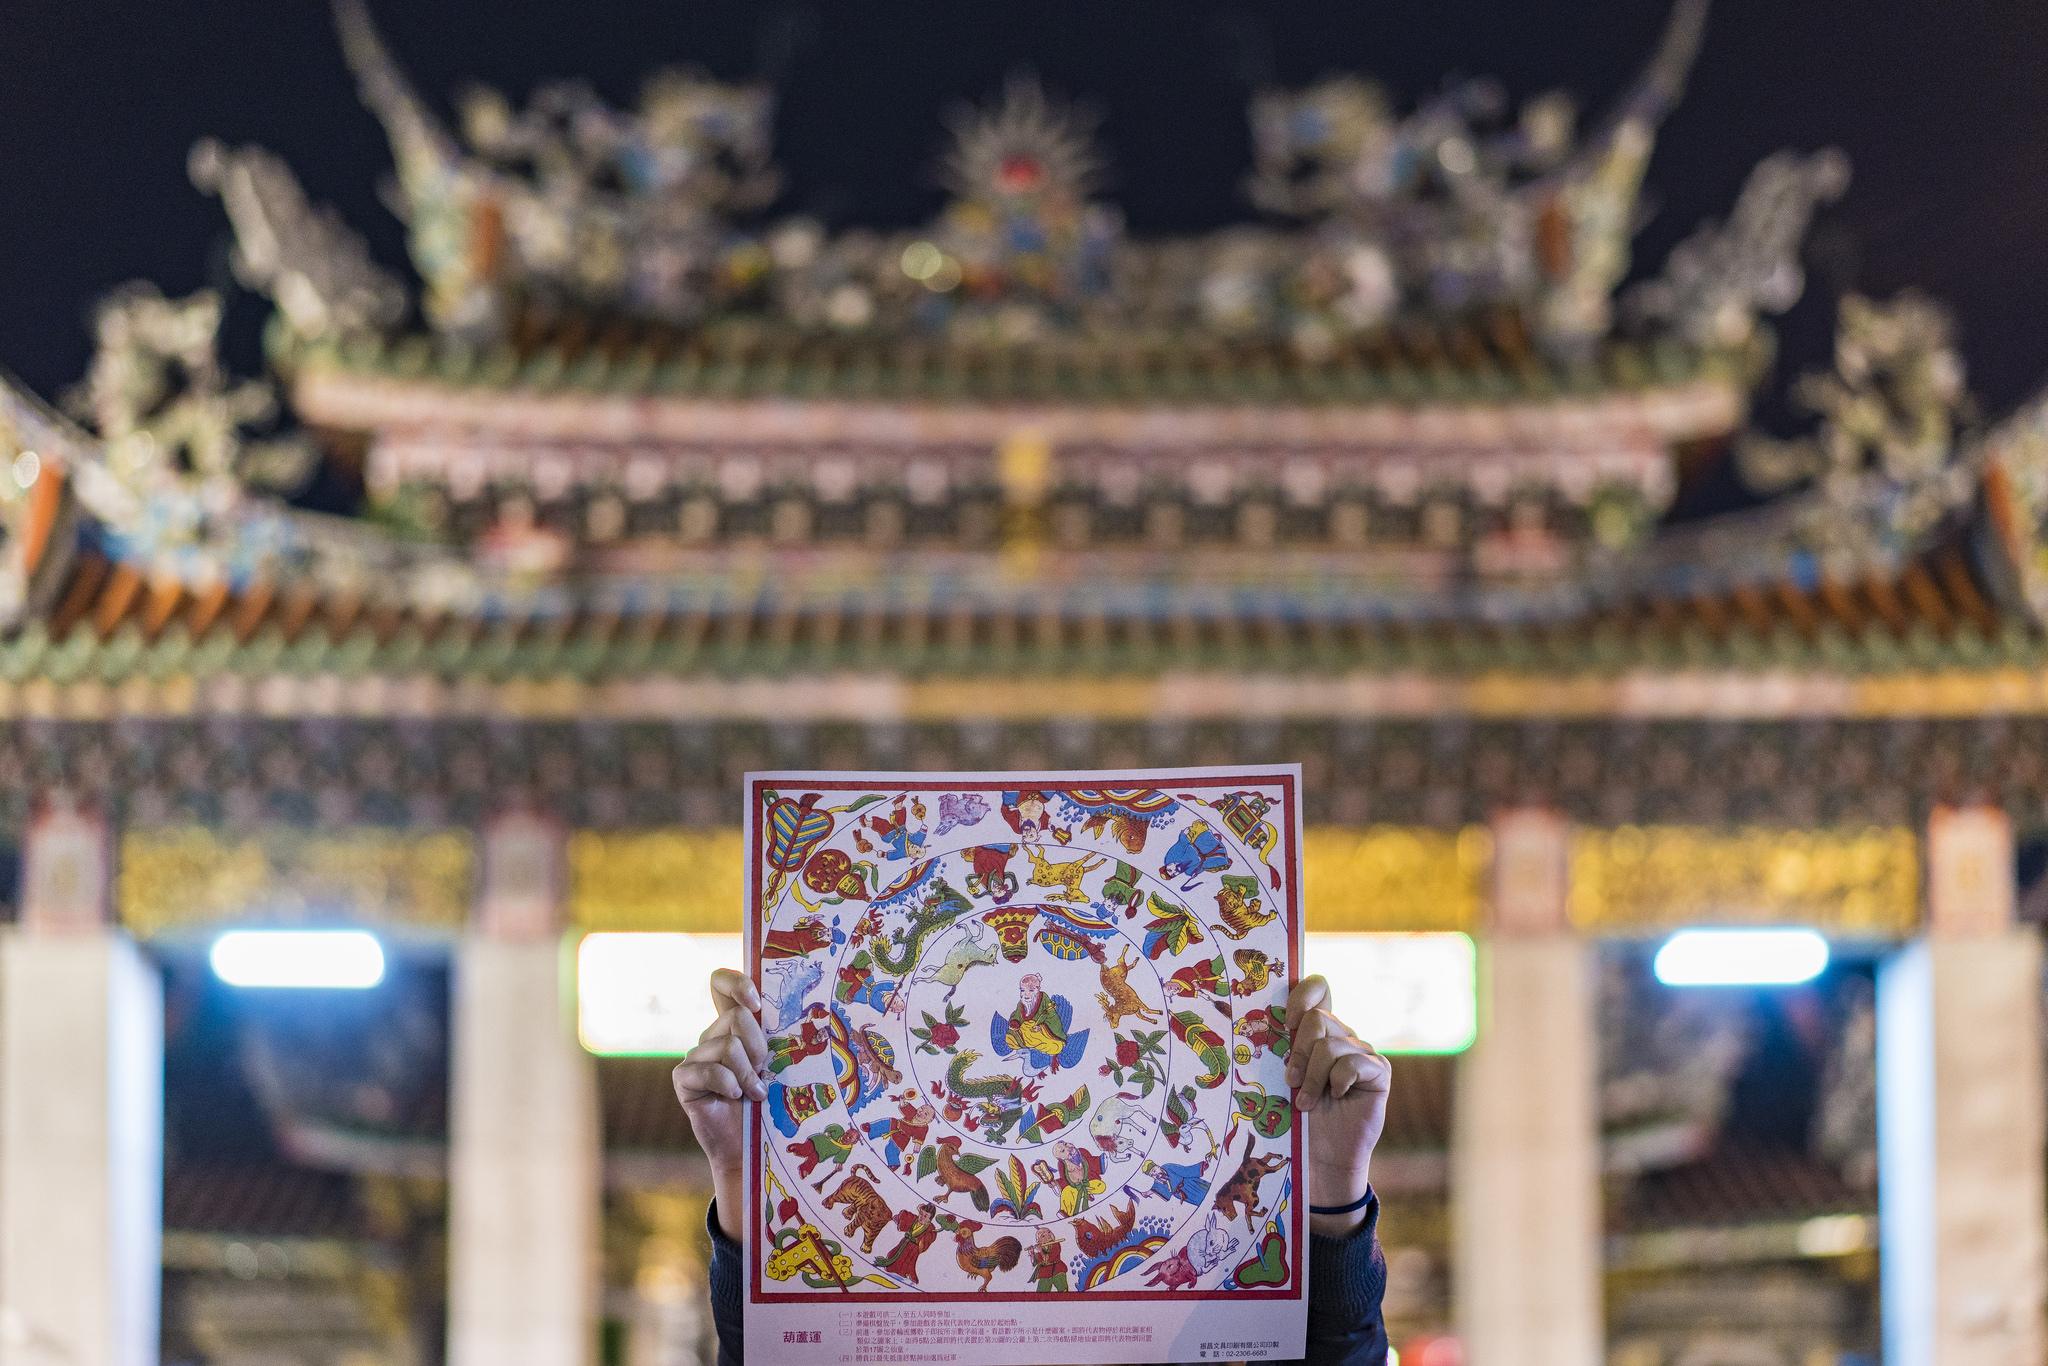 【八仙過艋舺,葫蘆引君來】2018萬華創意街區,體驗百種不同生活的「百味萬華」